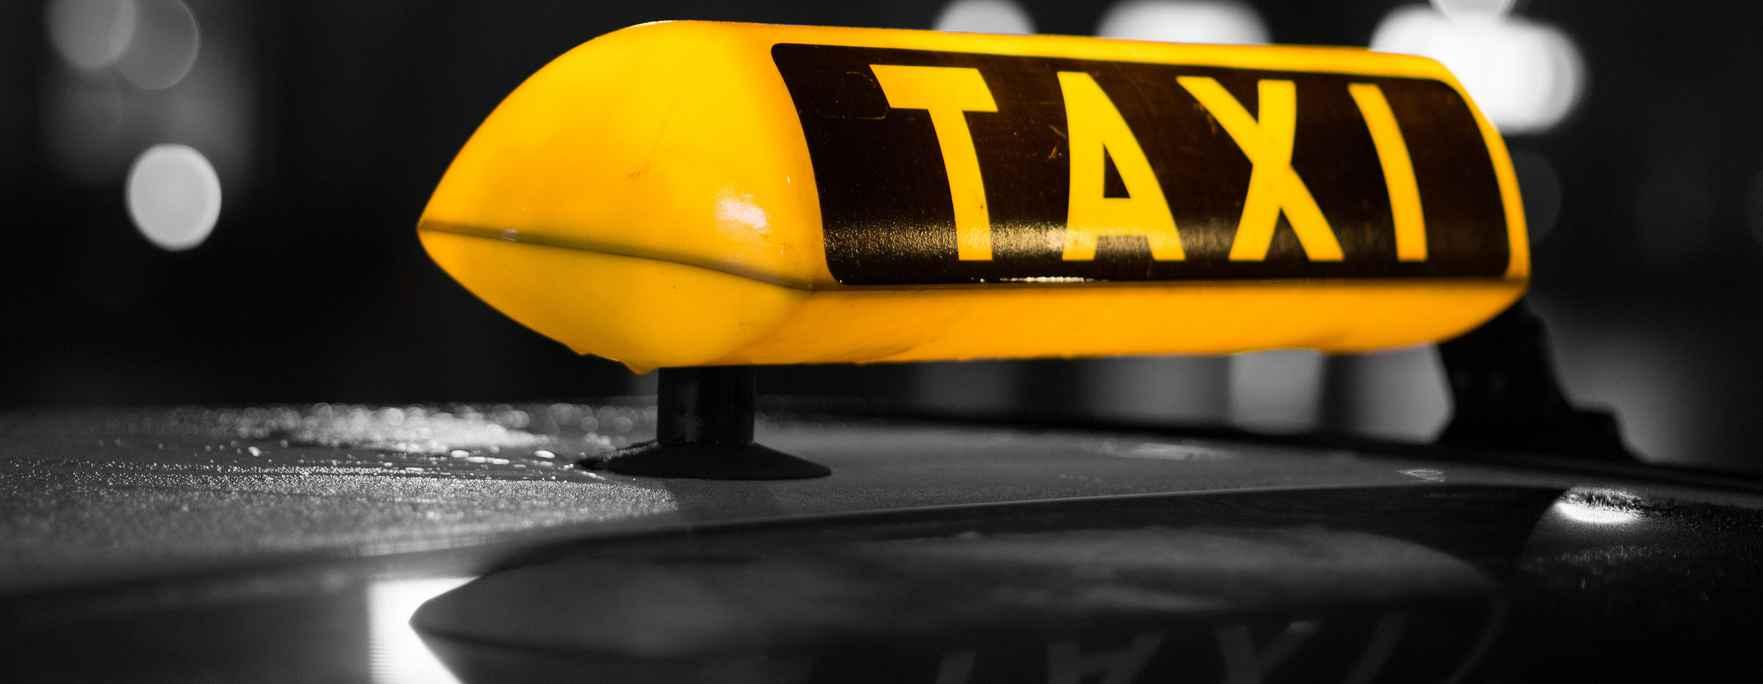 taxi corbeil essonnes photo accueil